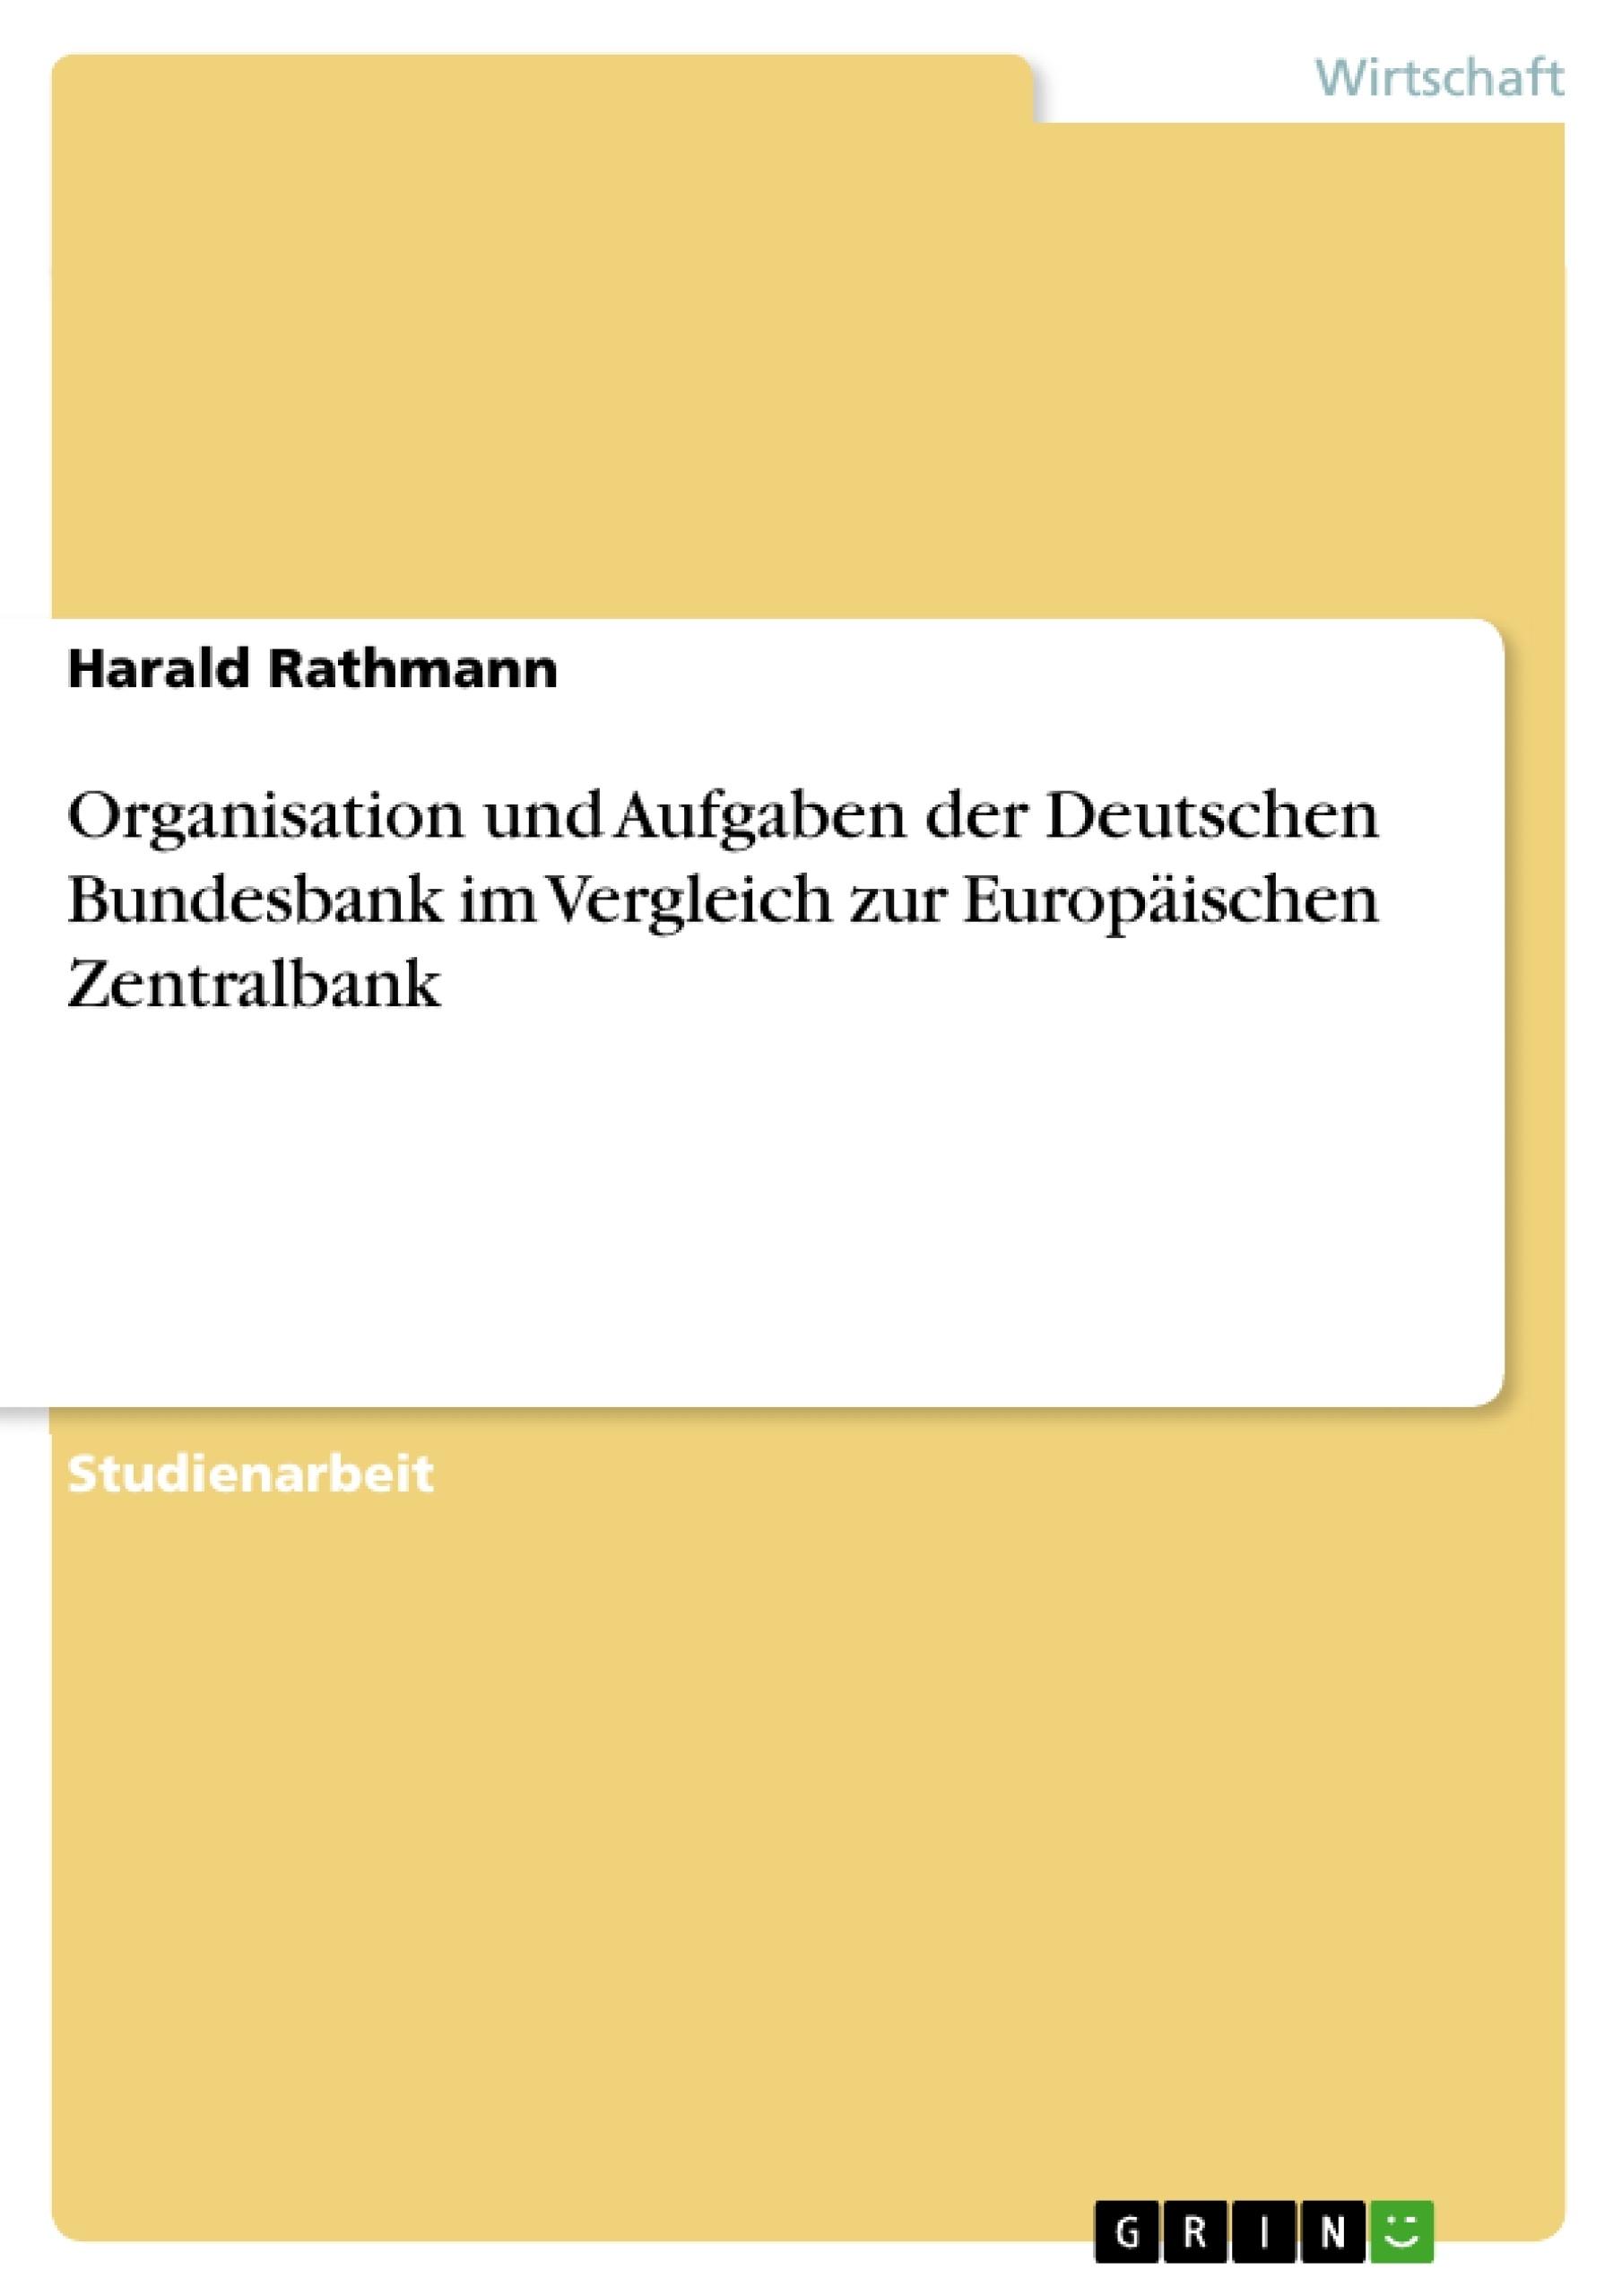 Titel: Organisation und Aufgaben der Deutschen Bundesbank im Vergleich zur Europäischen Zentralbank